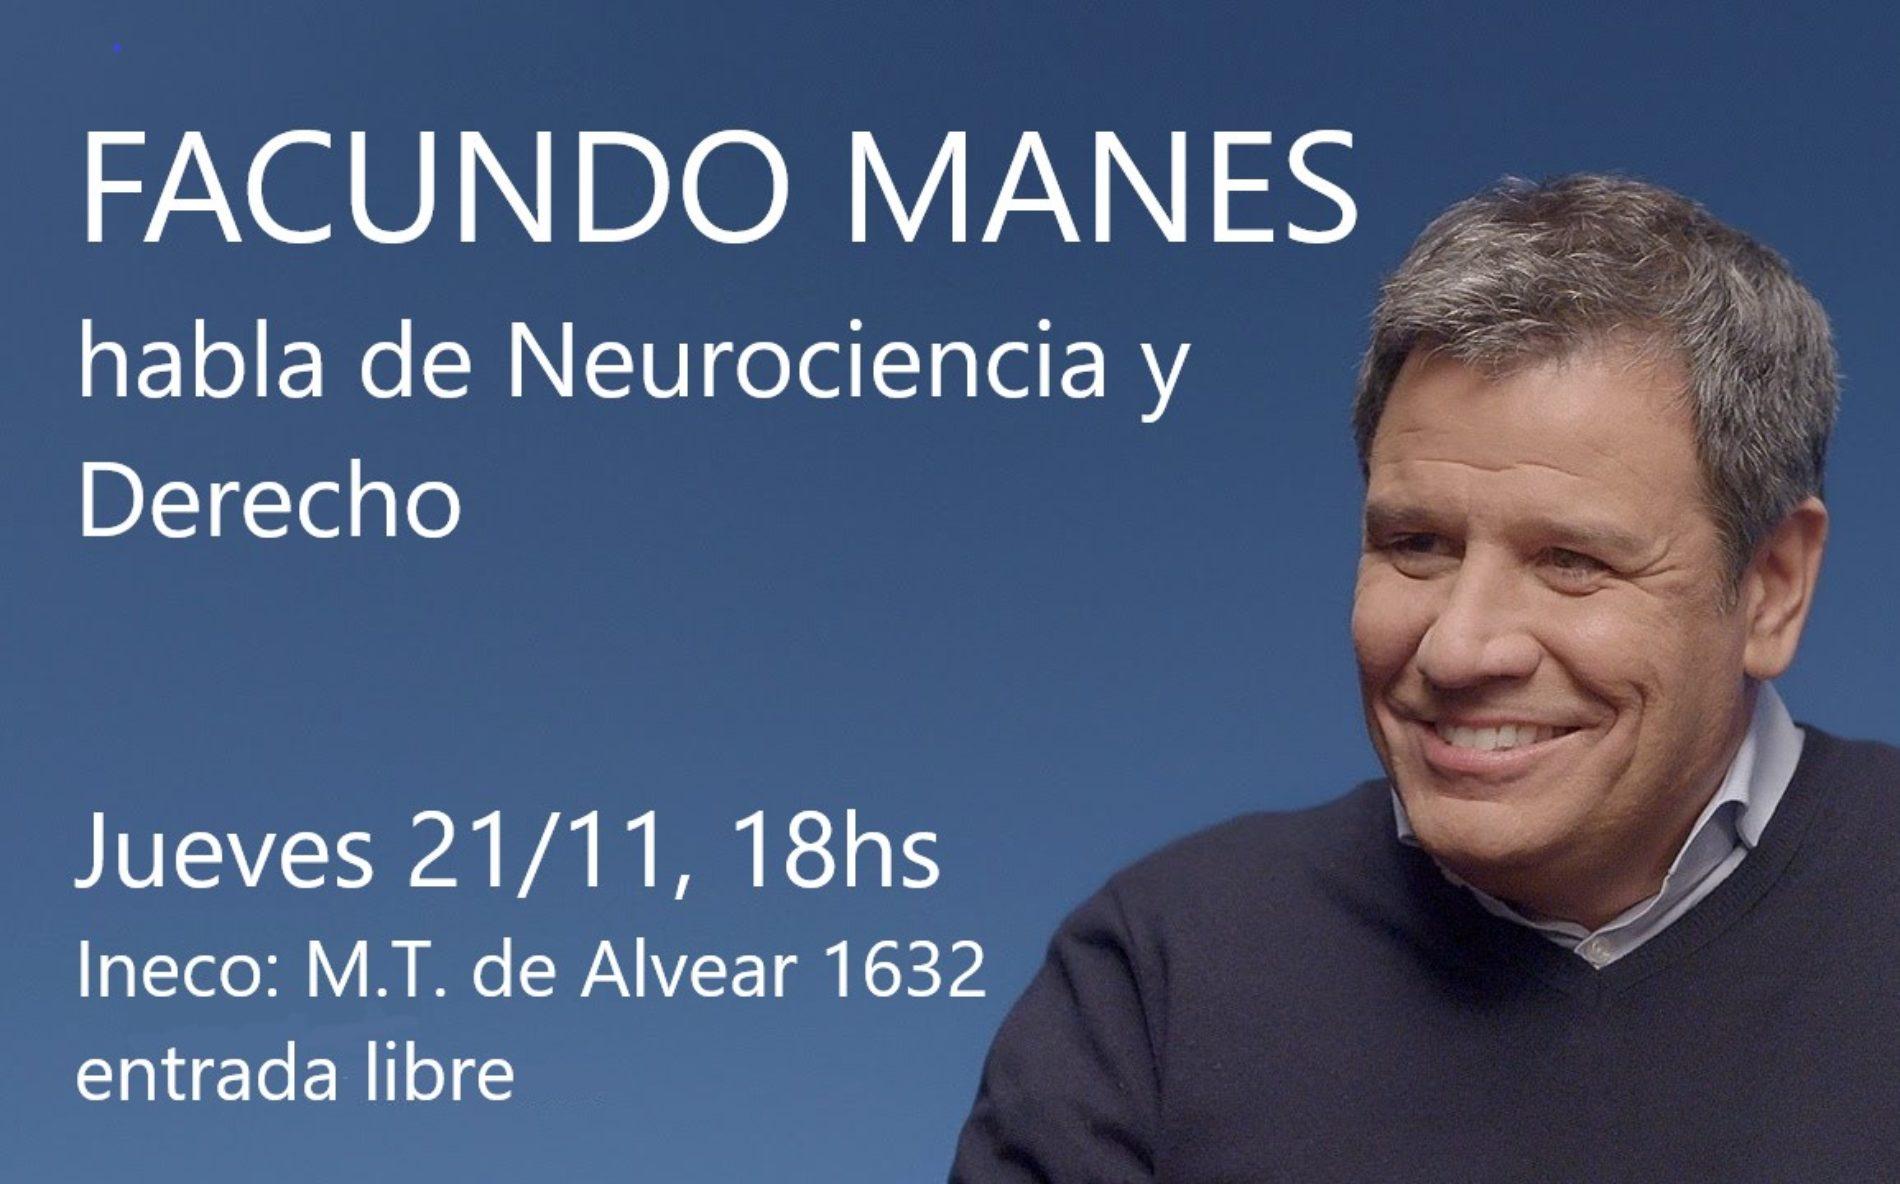 Facundo Manes Habla de Neurociencia y Derecho junto a Daniel Pastor y María Roca.